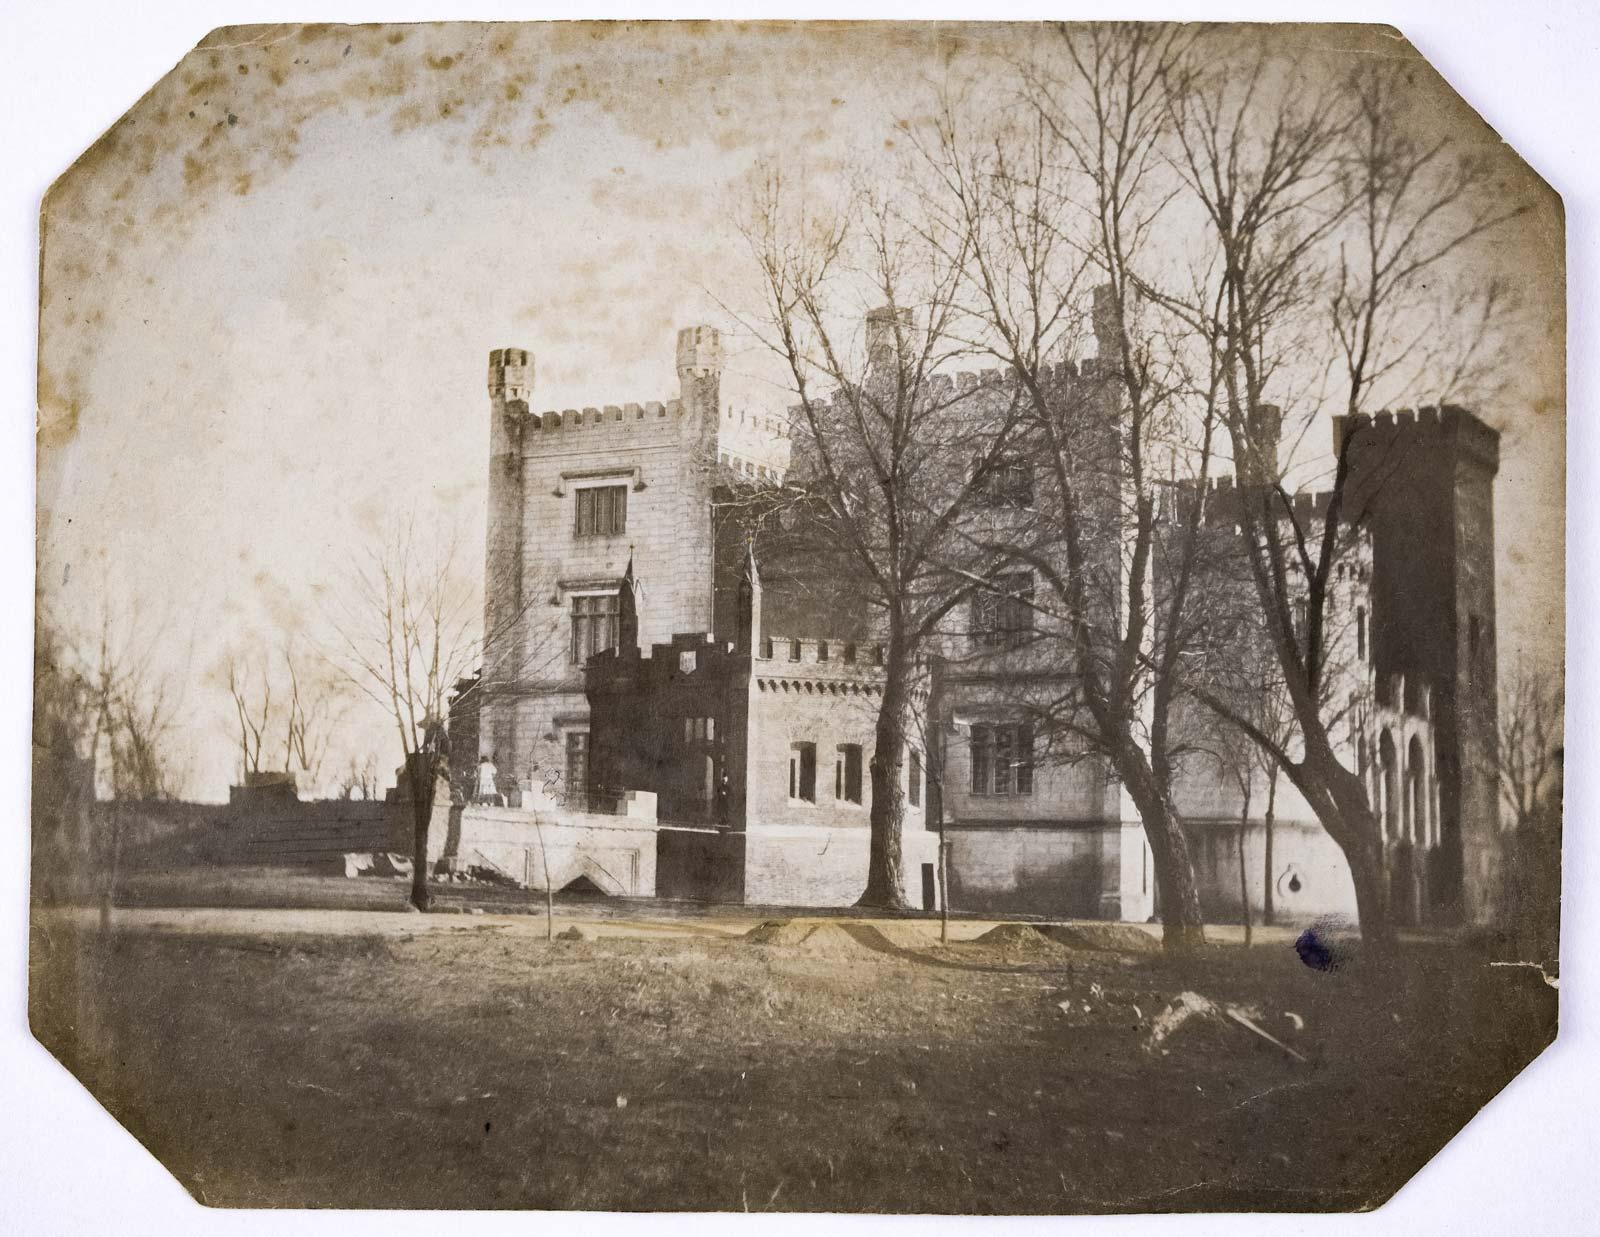 Zamek w Kórniku w budowie - około 1956 rok